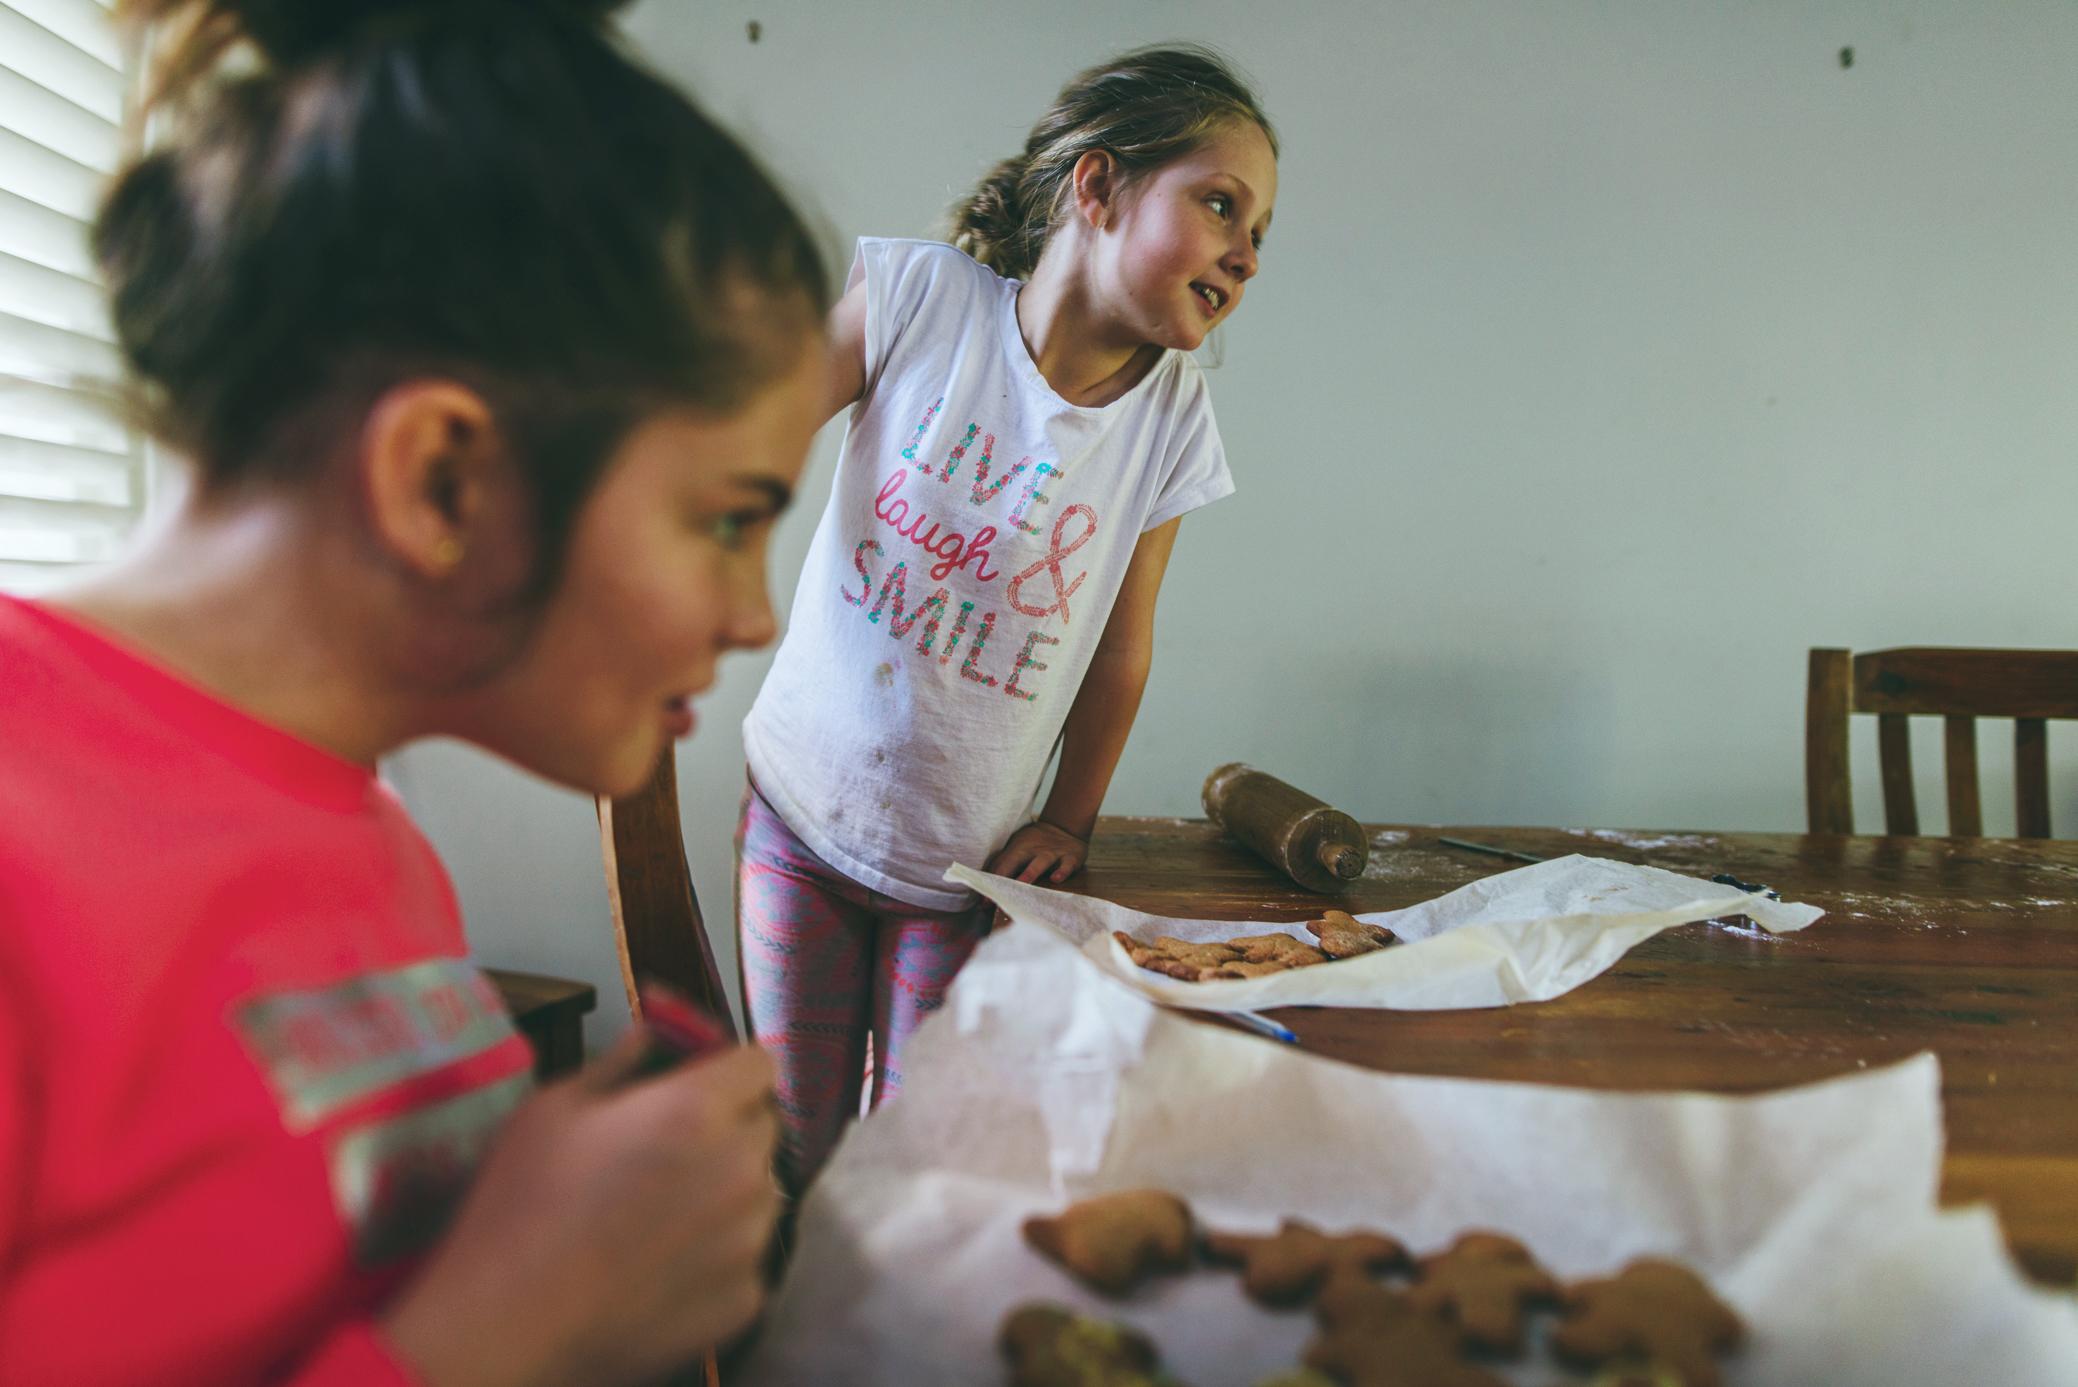 Children baking in the kitchen. Sydney photographer, Cindy Cavanagh